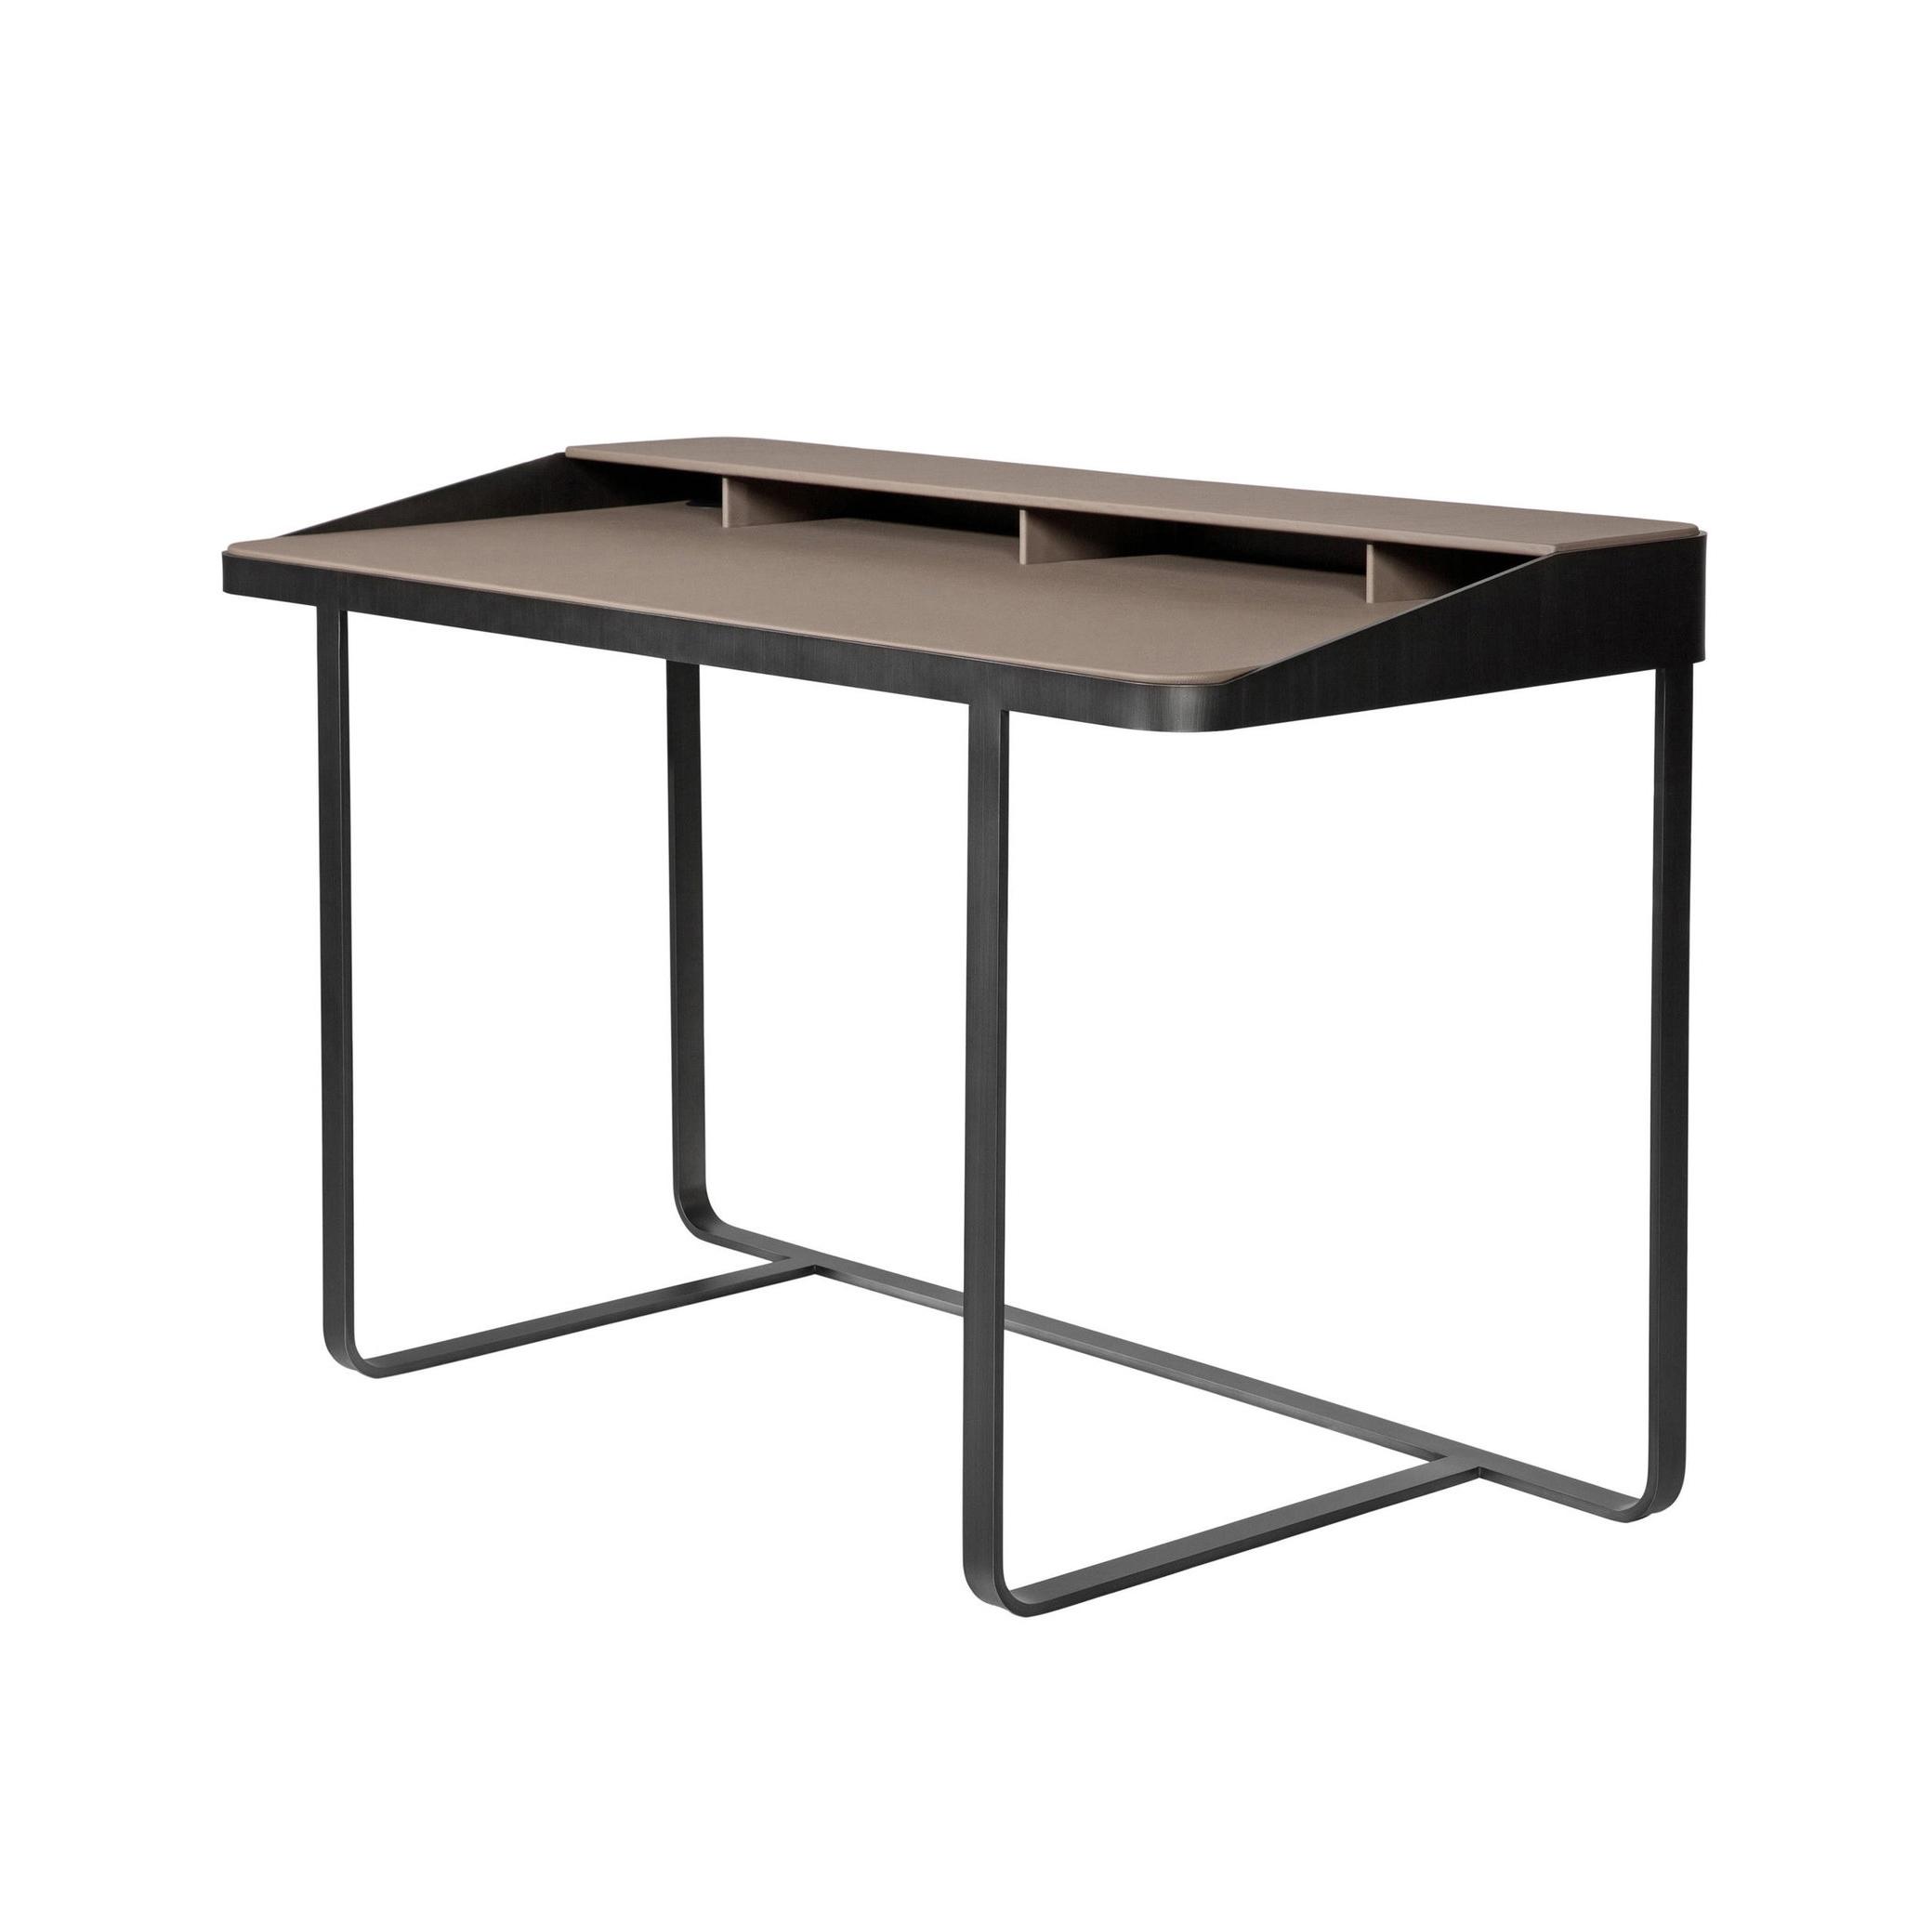 Schreibtisch TWAIN  CHF 2'250.00 Lederbezogen Masse: B 125, T 62, H 79 cm